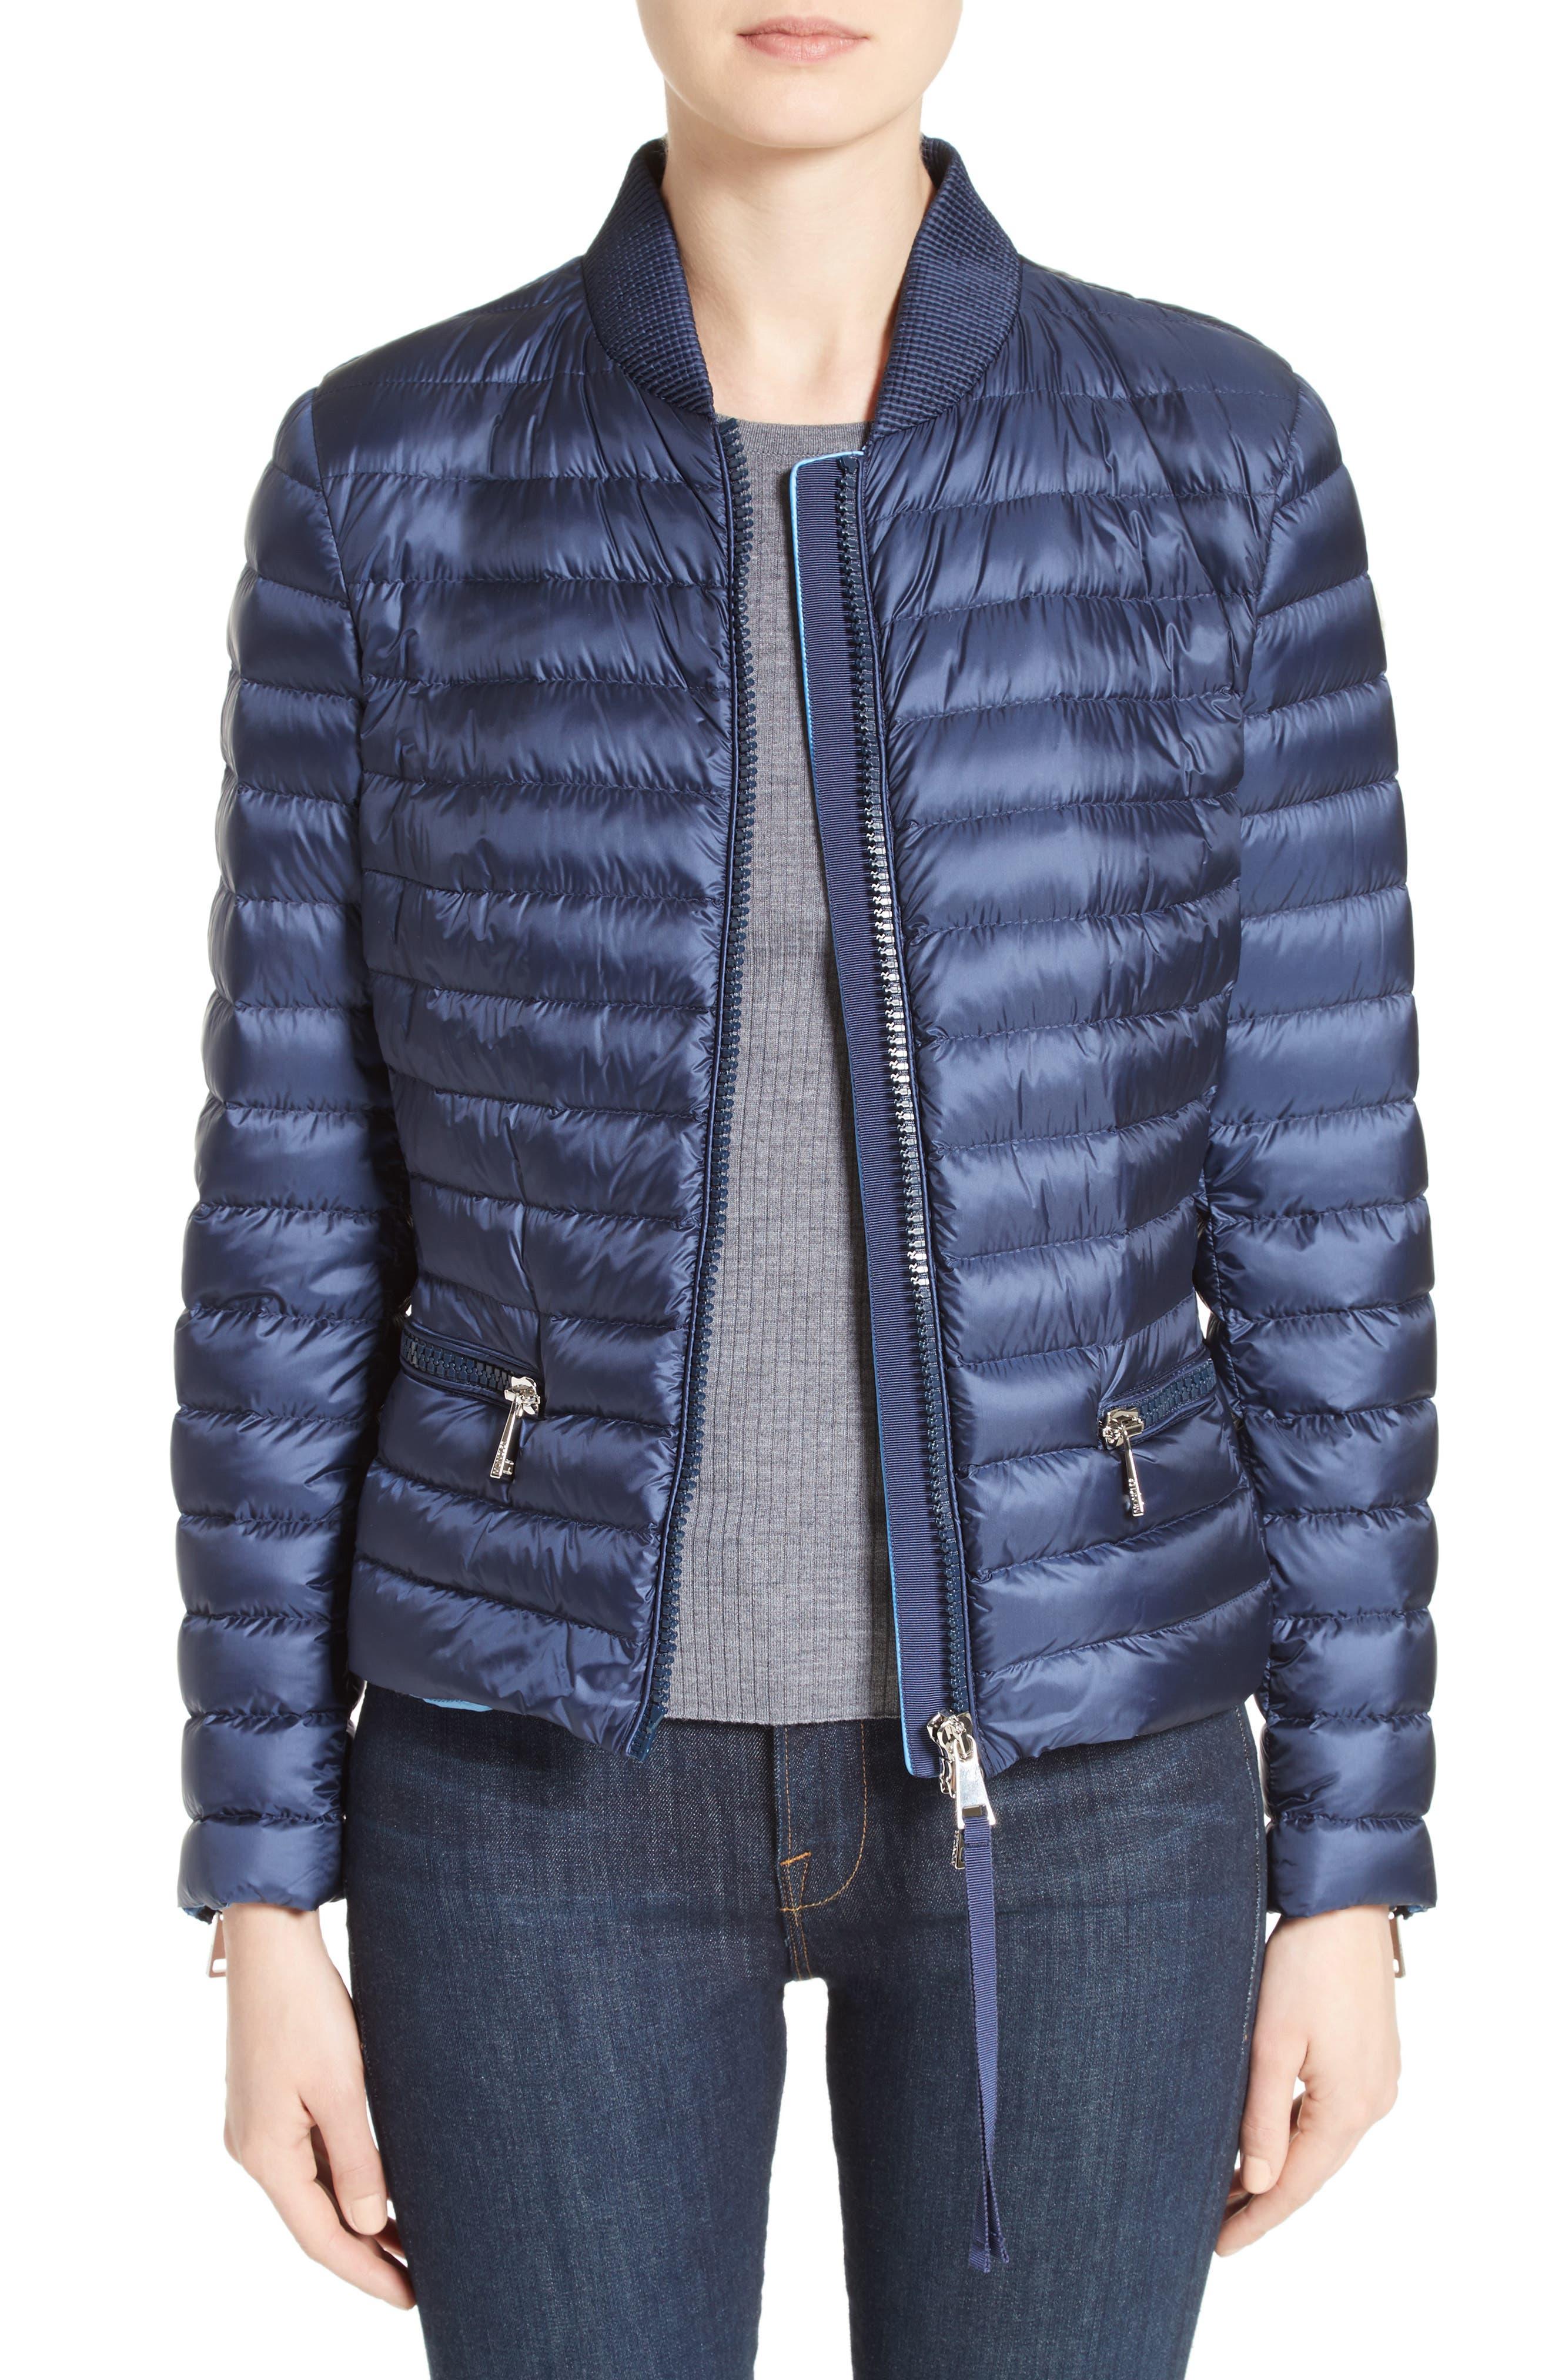 Alternate Image 1 Selected - Moncler Blen Down Jacket